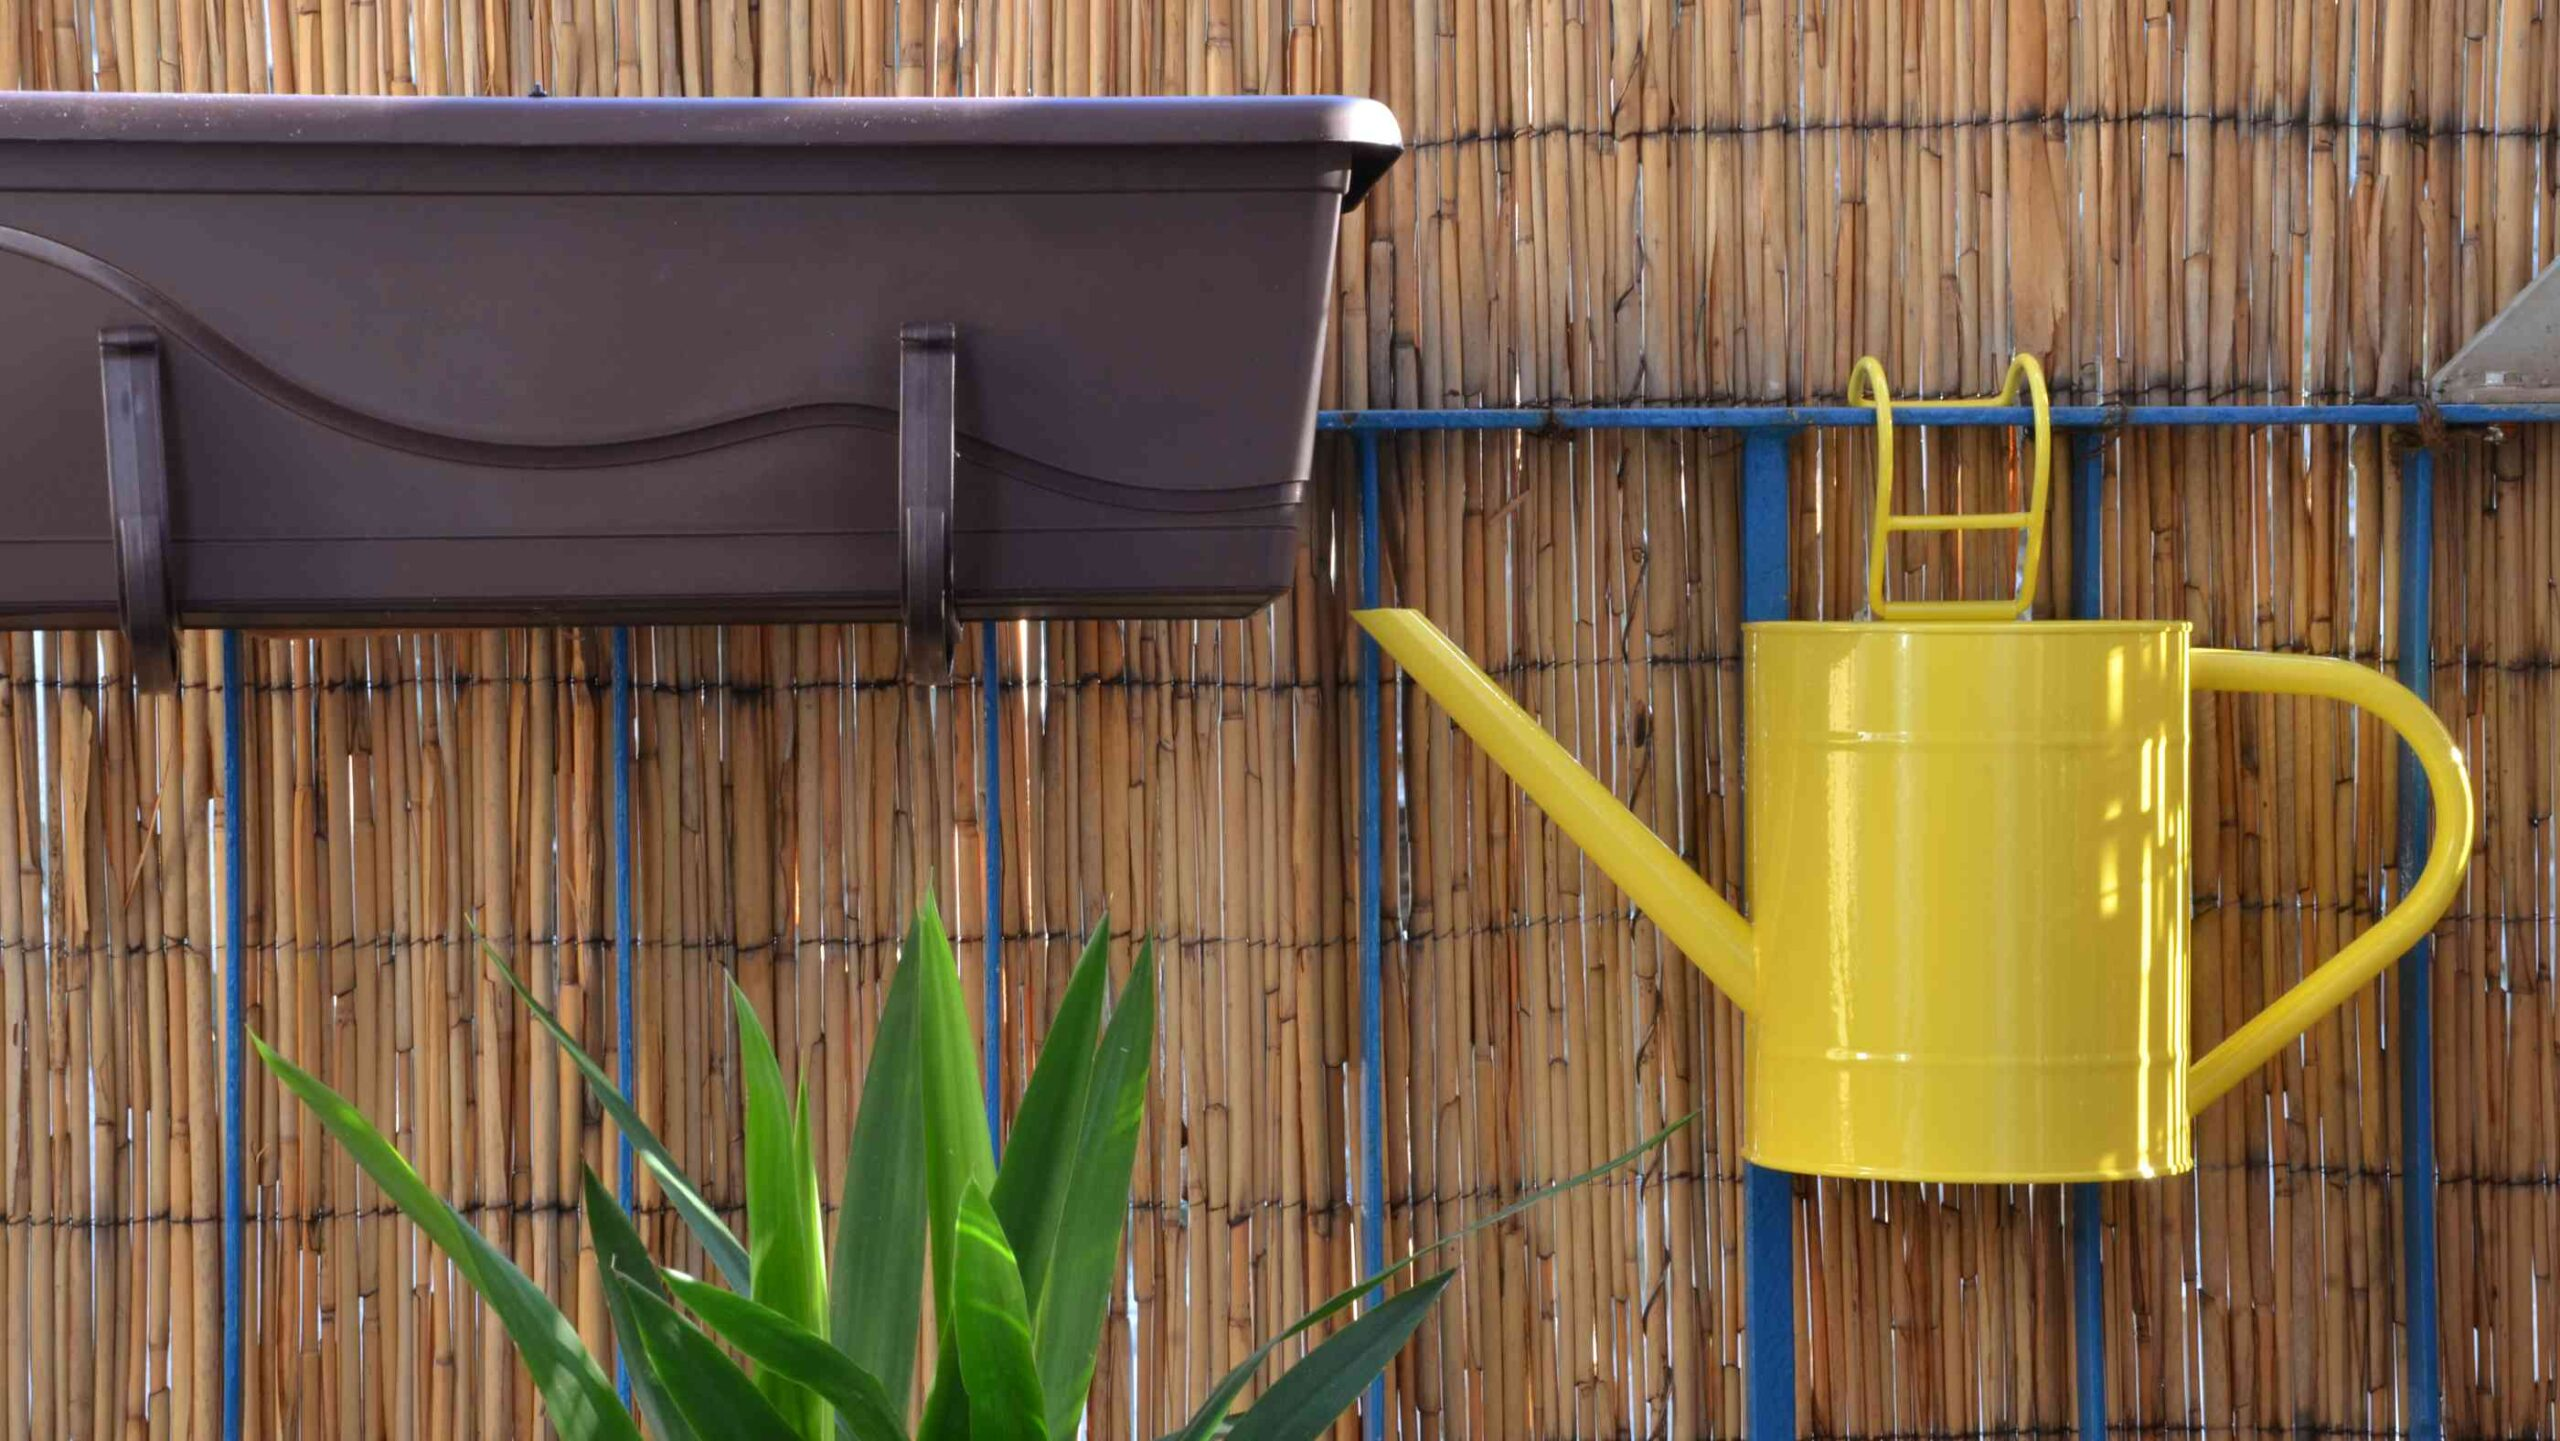 Full Size of Paravent Bambus Balkon Sichtschutz Fr Den 10 Ideen Plus Tipps Zur Montage Garten Bett Wohnzimmer Paravent Bambus Balkon